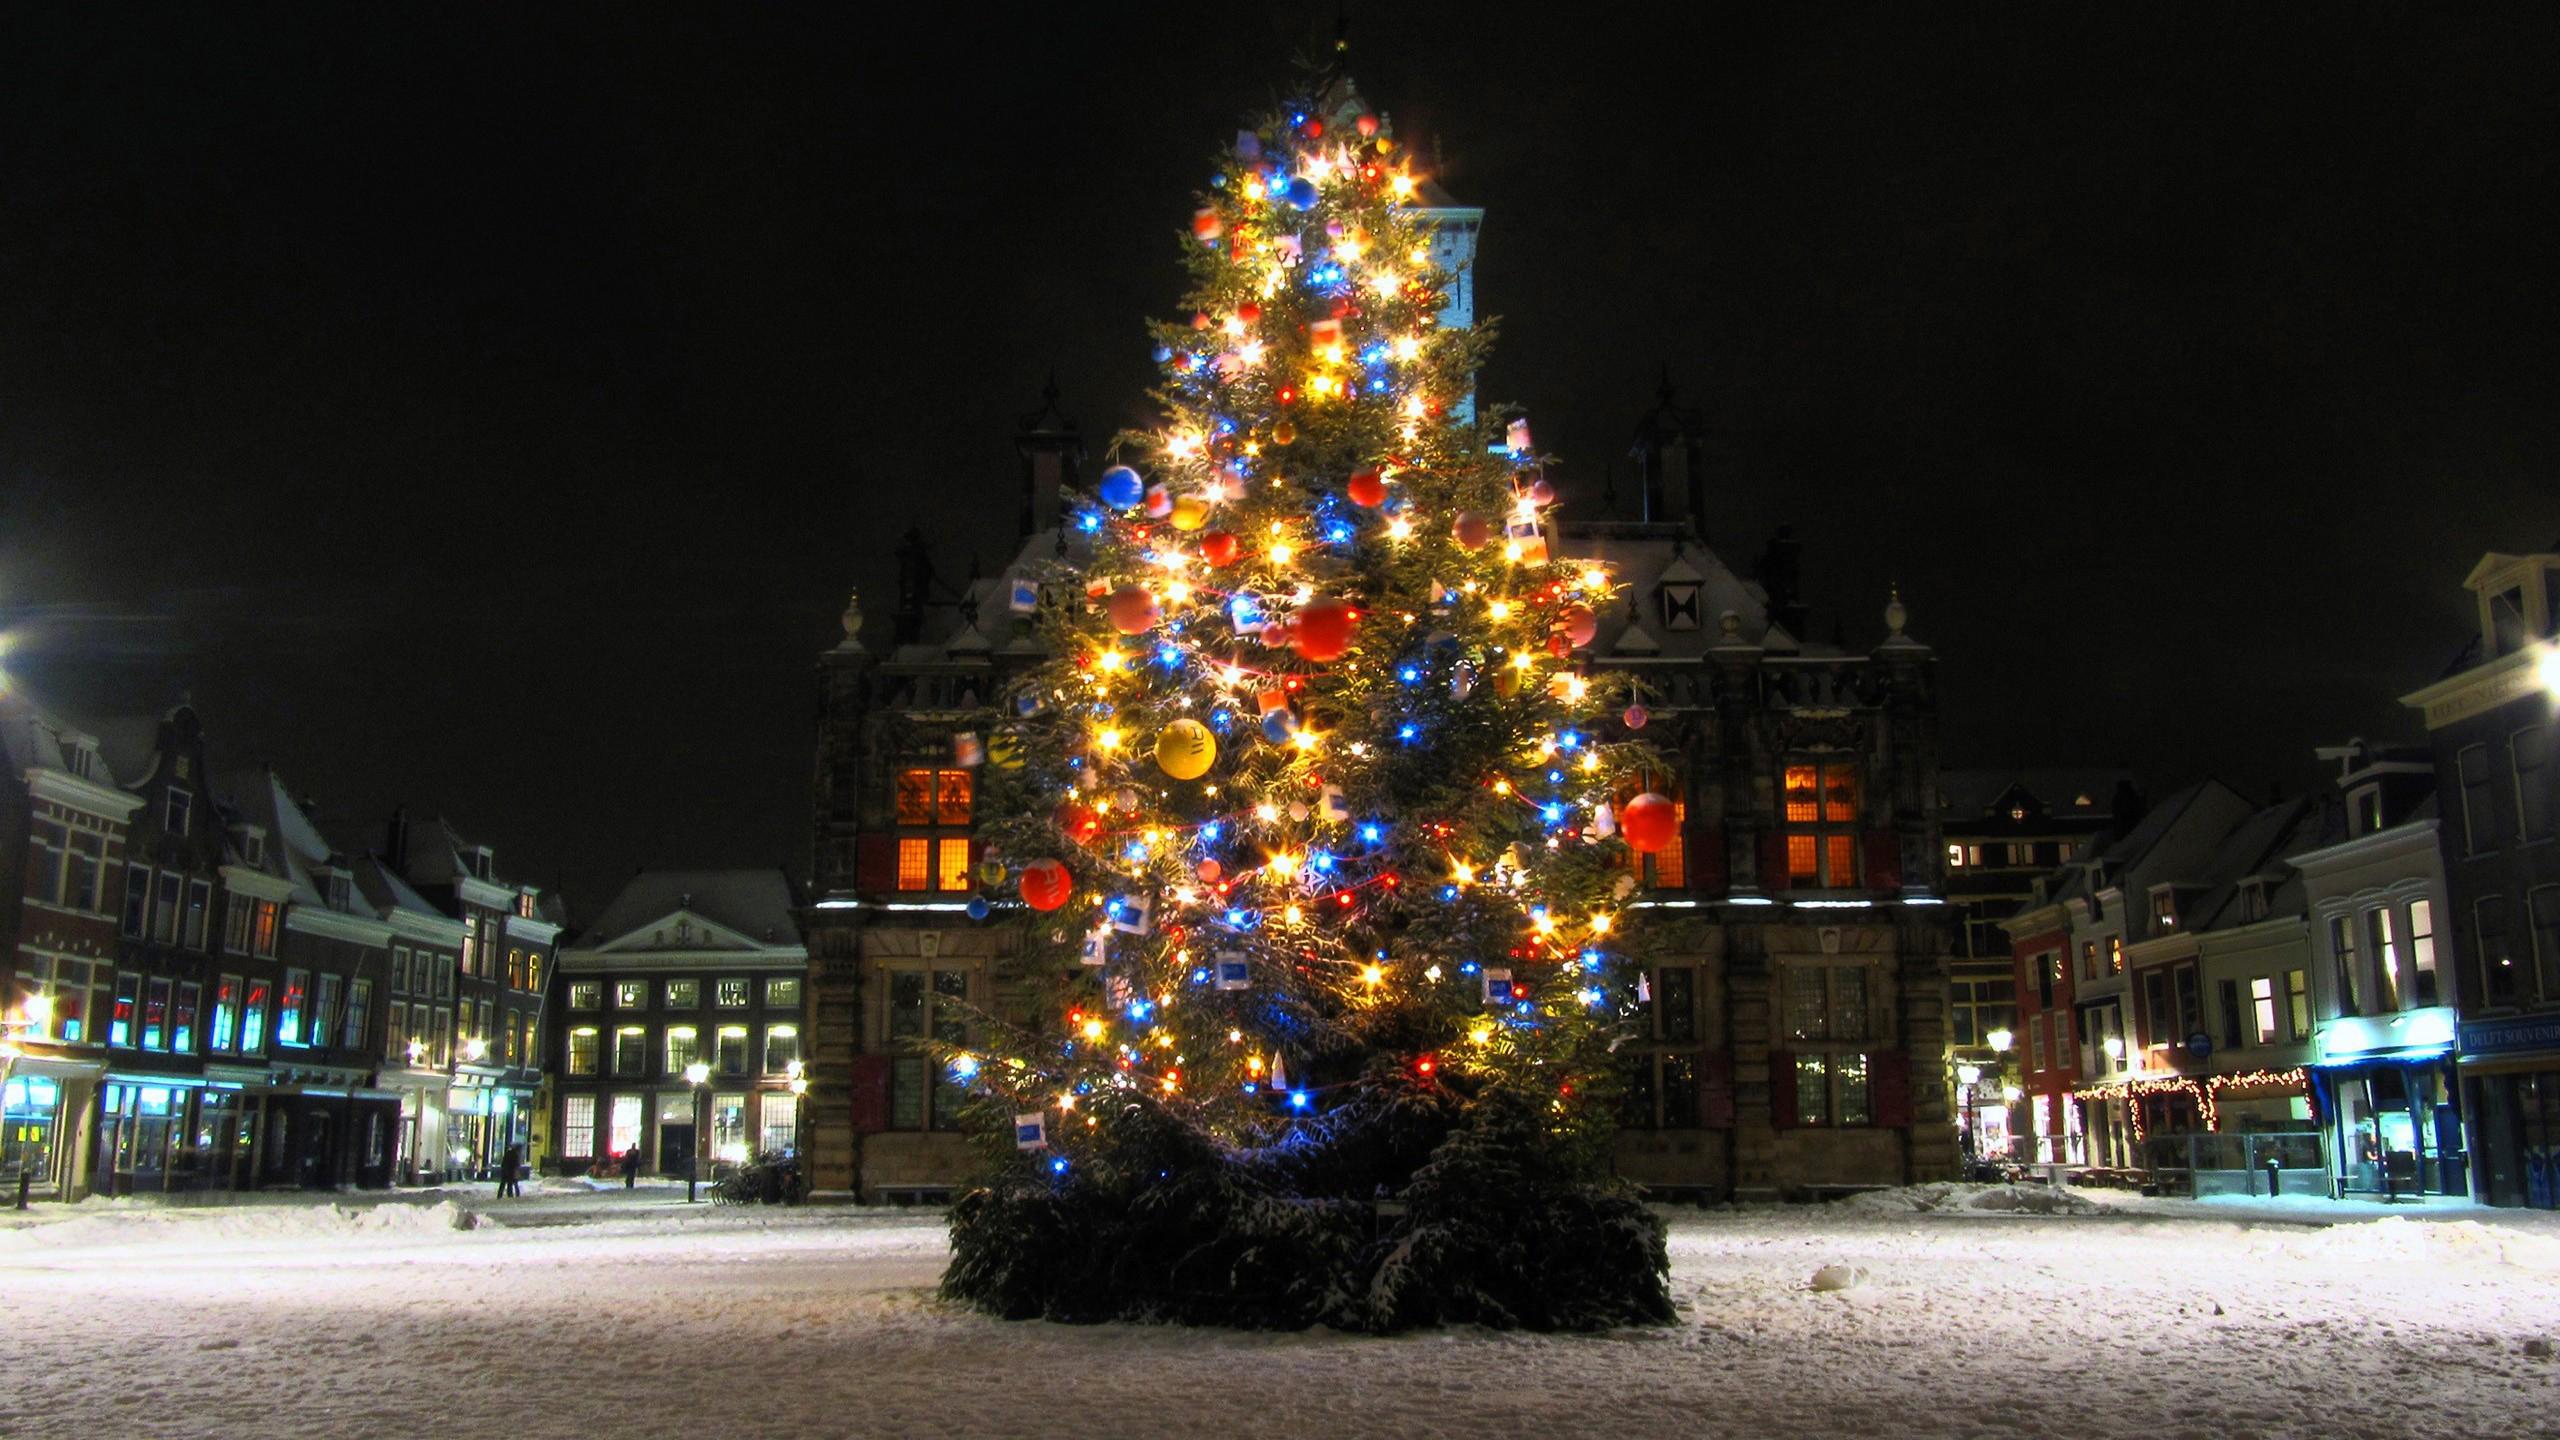 красивые фото новый год зима ваше